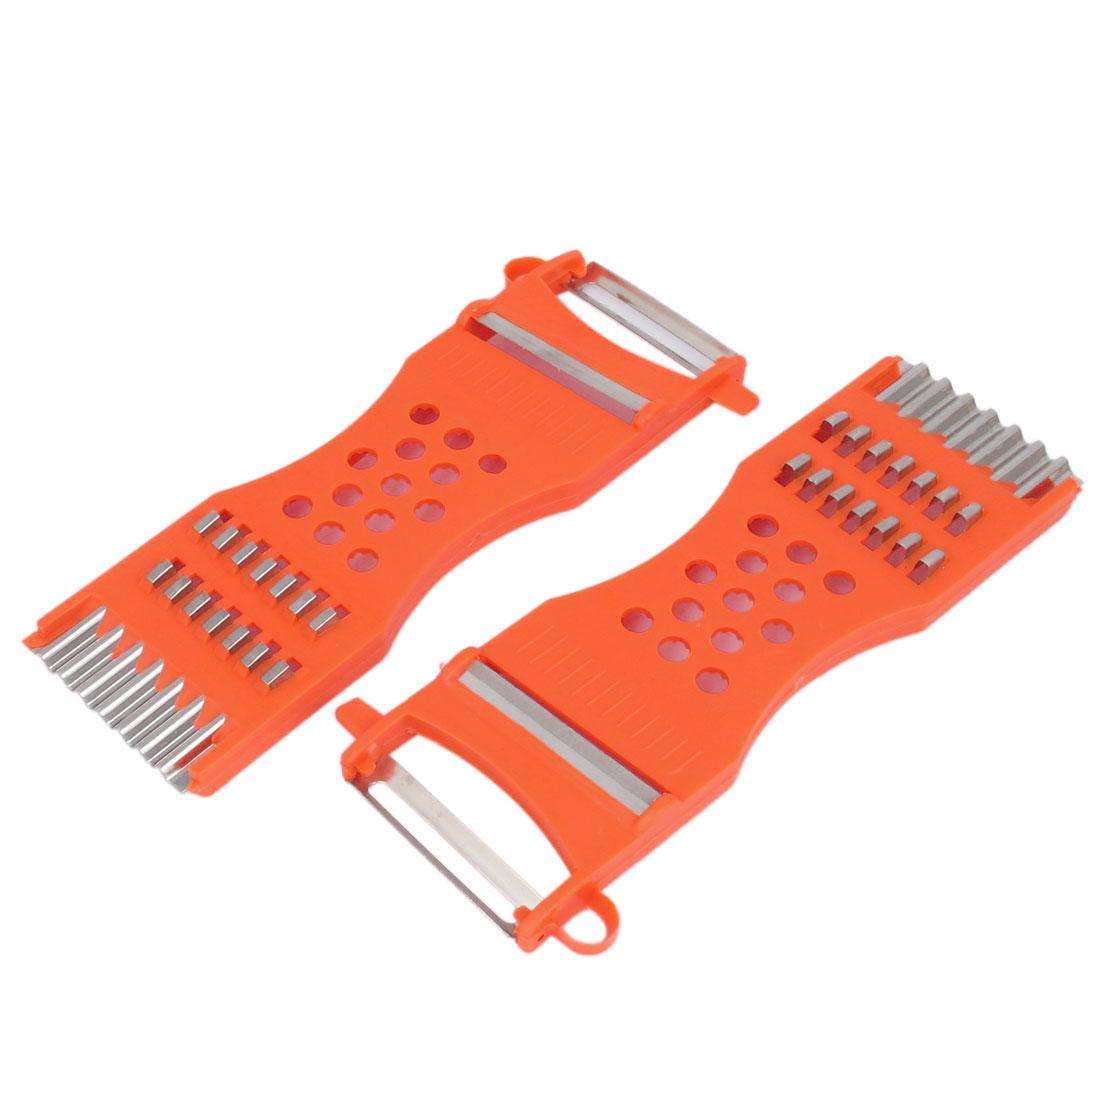 Kitchen Red Plastic Handle Metal Blade Fruit Vegetable Peeler Grater Slicer Cutter Tool 2pcs